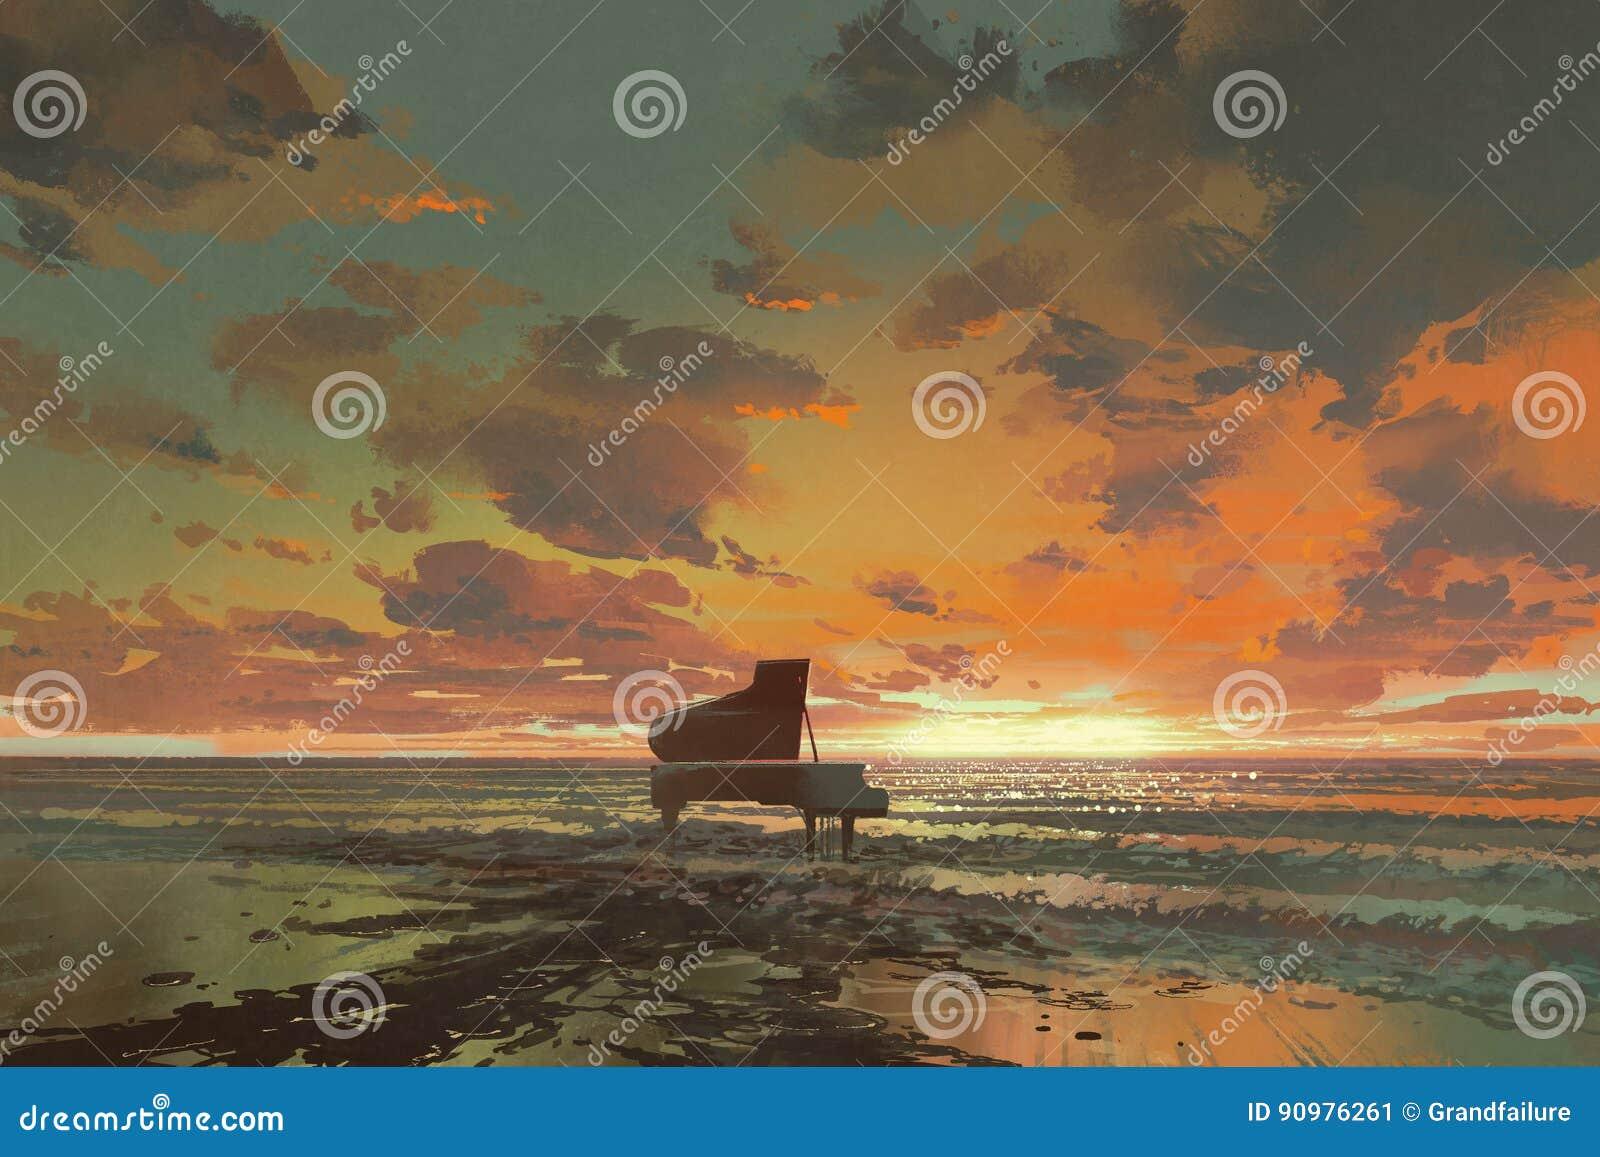 черный рояль на пляже на заходе солнца